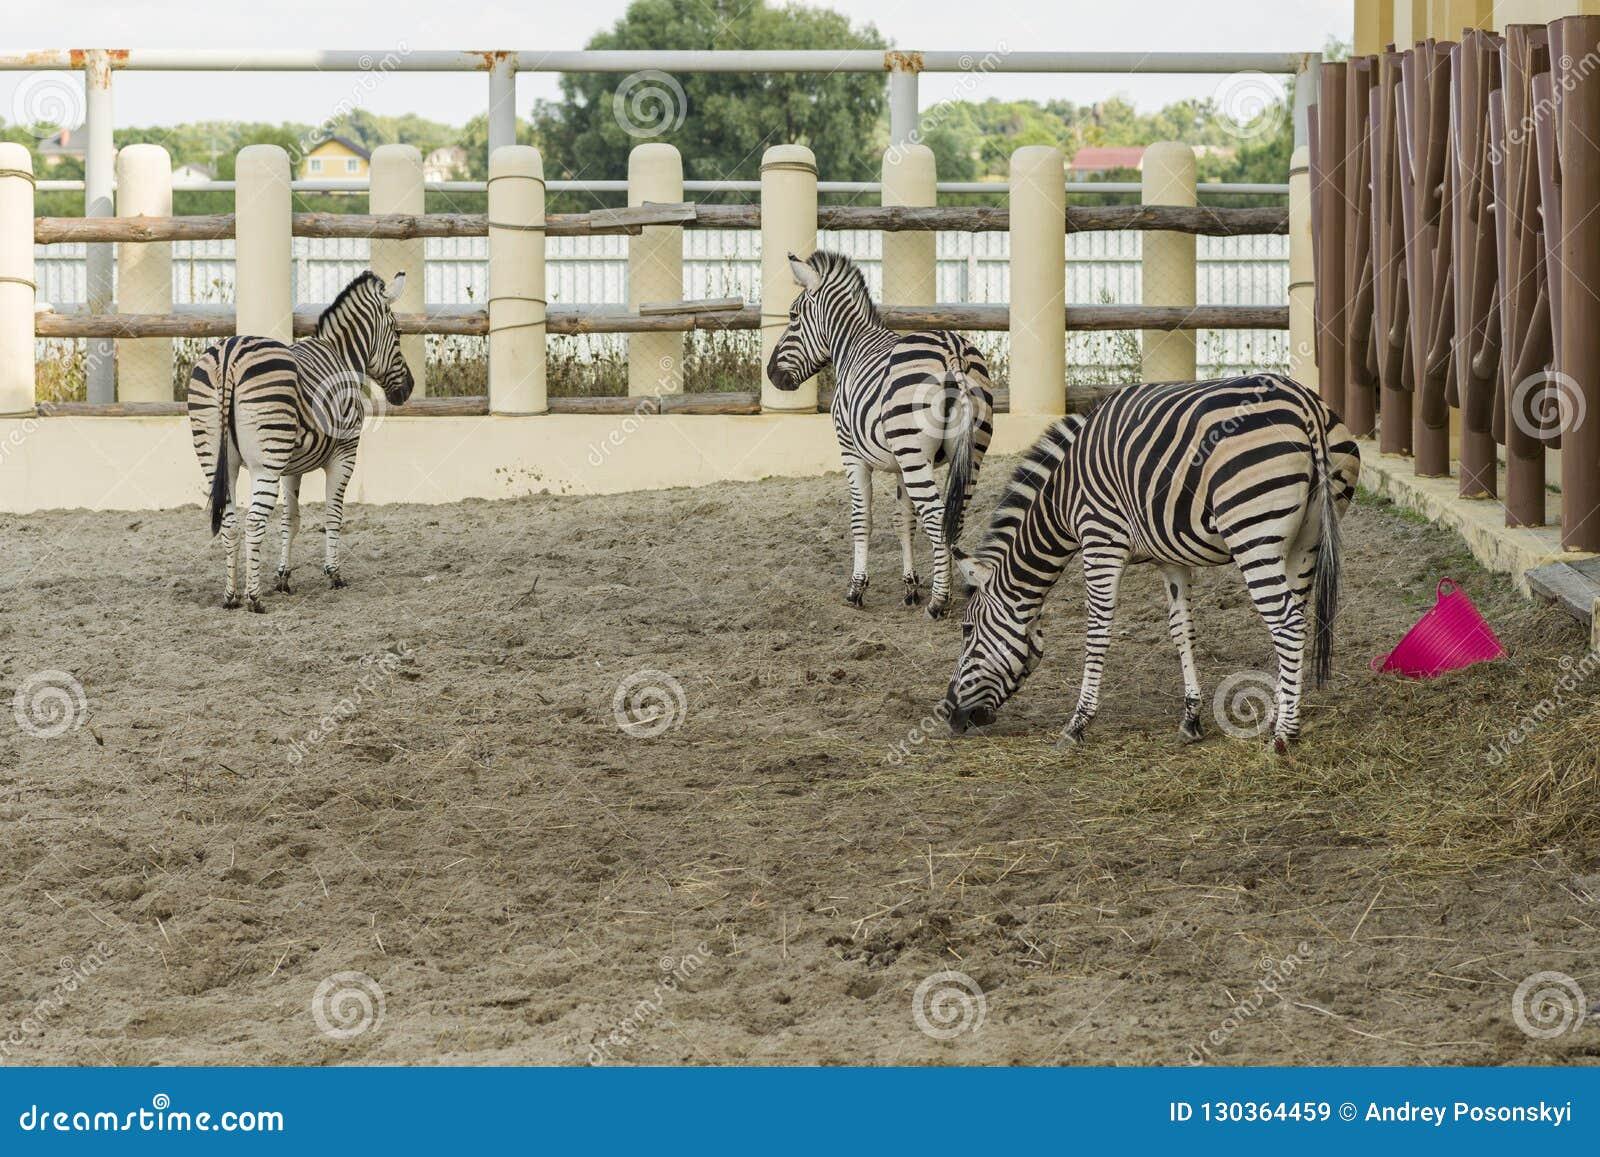 Afrikanische gestreifte Zebras im Zoo